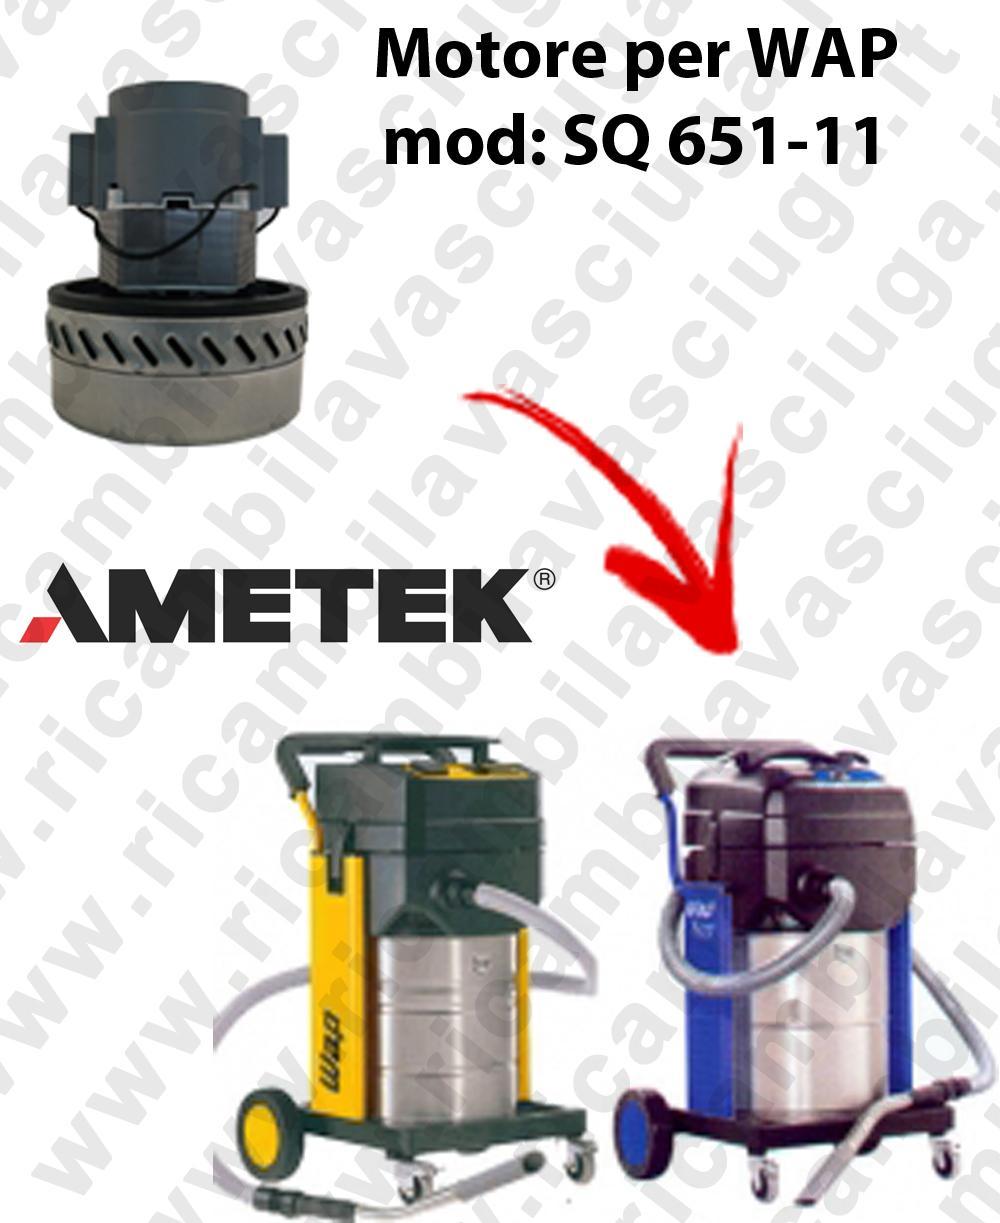 SQ 651 - 11 MOTORE ASPIRAZIONE AMETEK  per aspirapolvere WAP